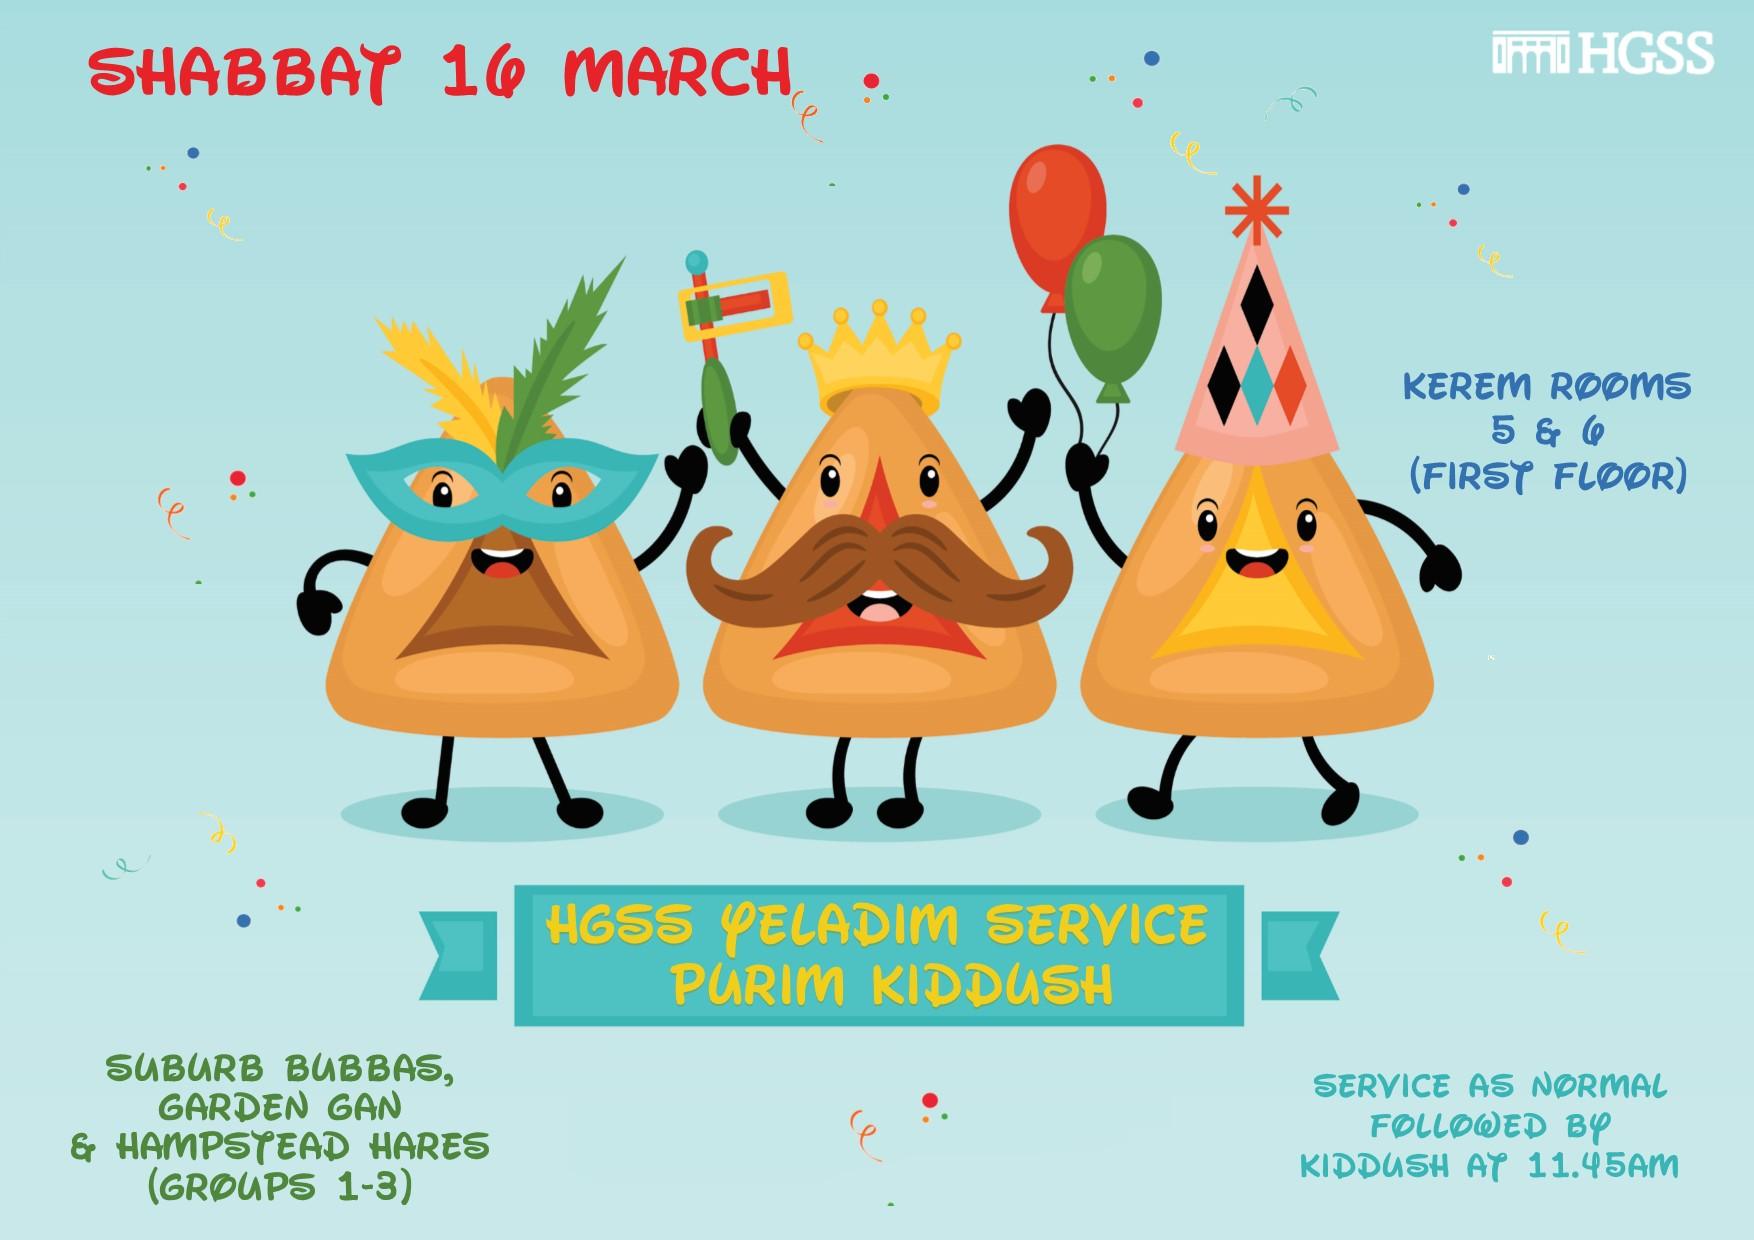 HGSS Yeladim (children service) Purim Kiddush